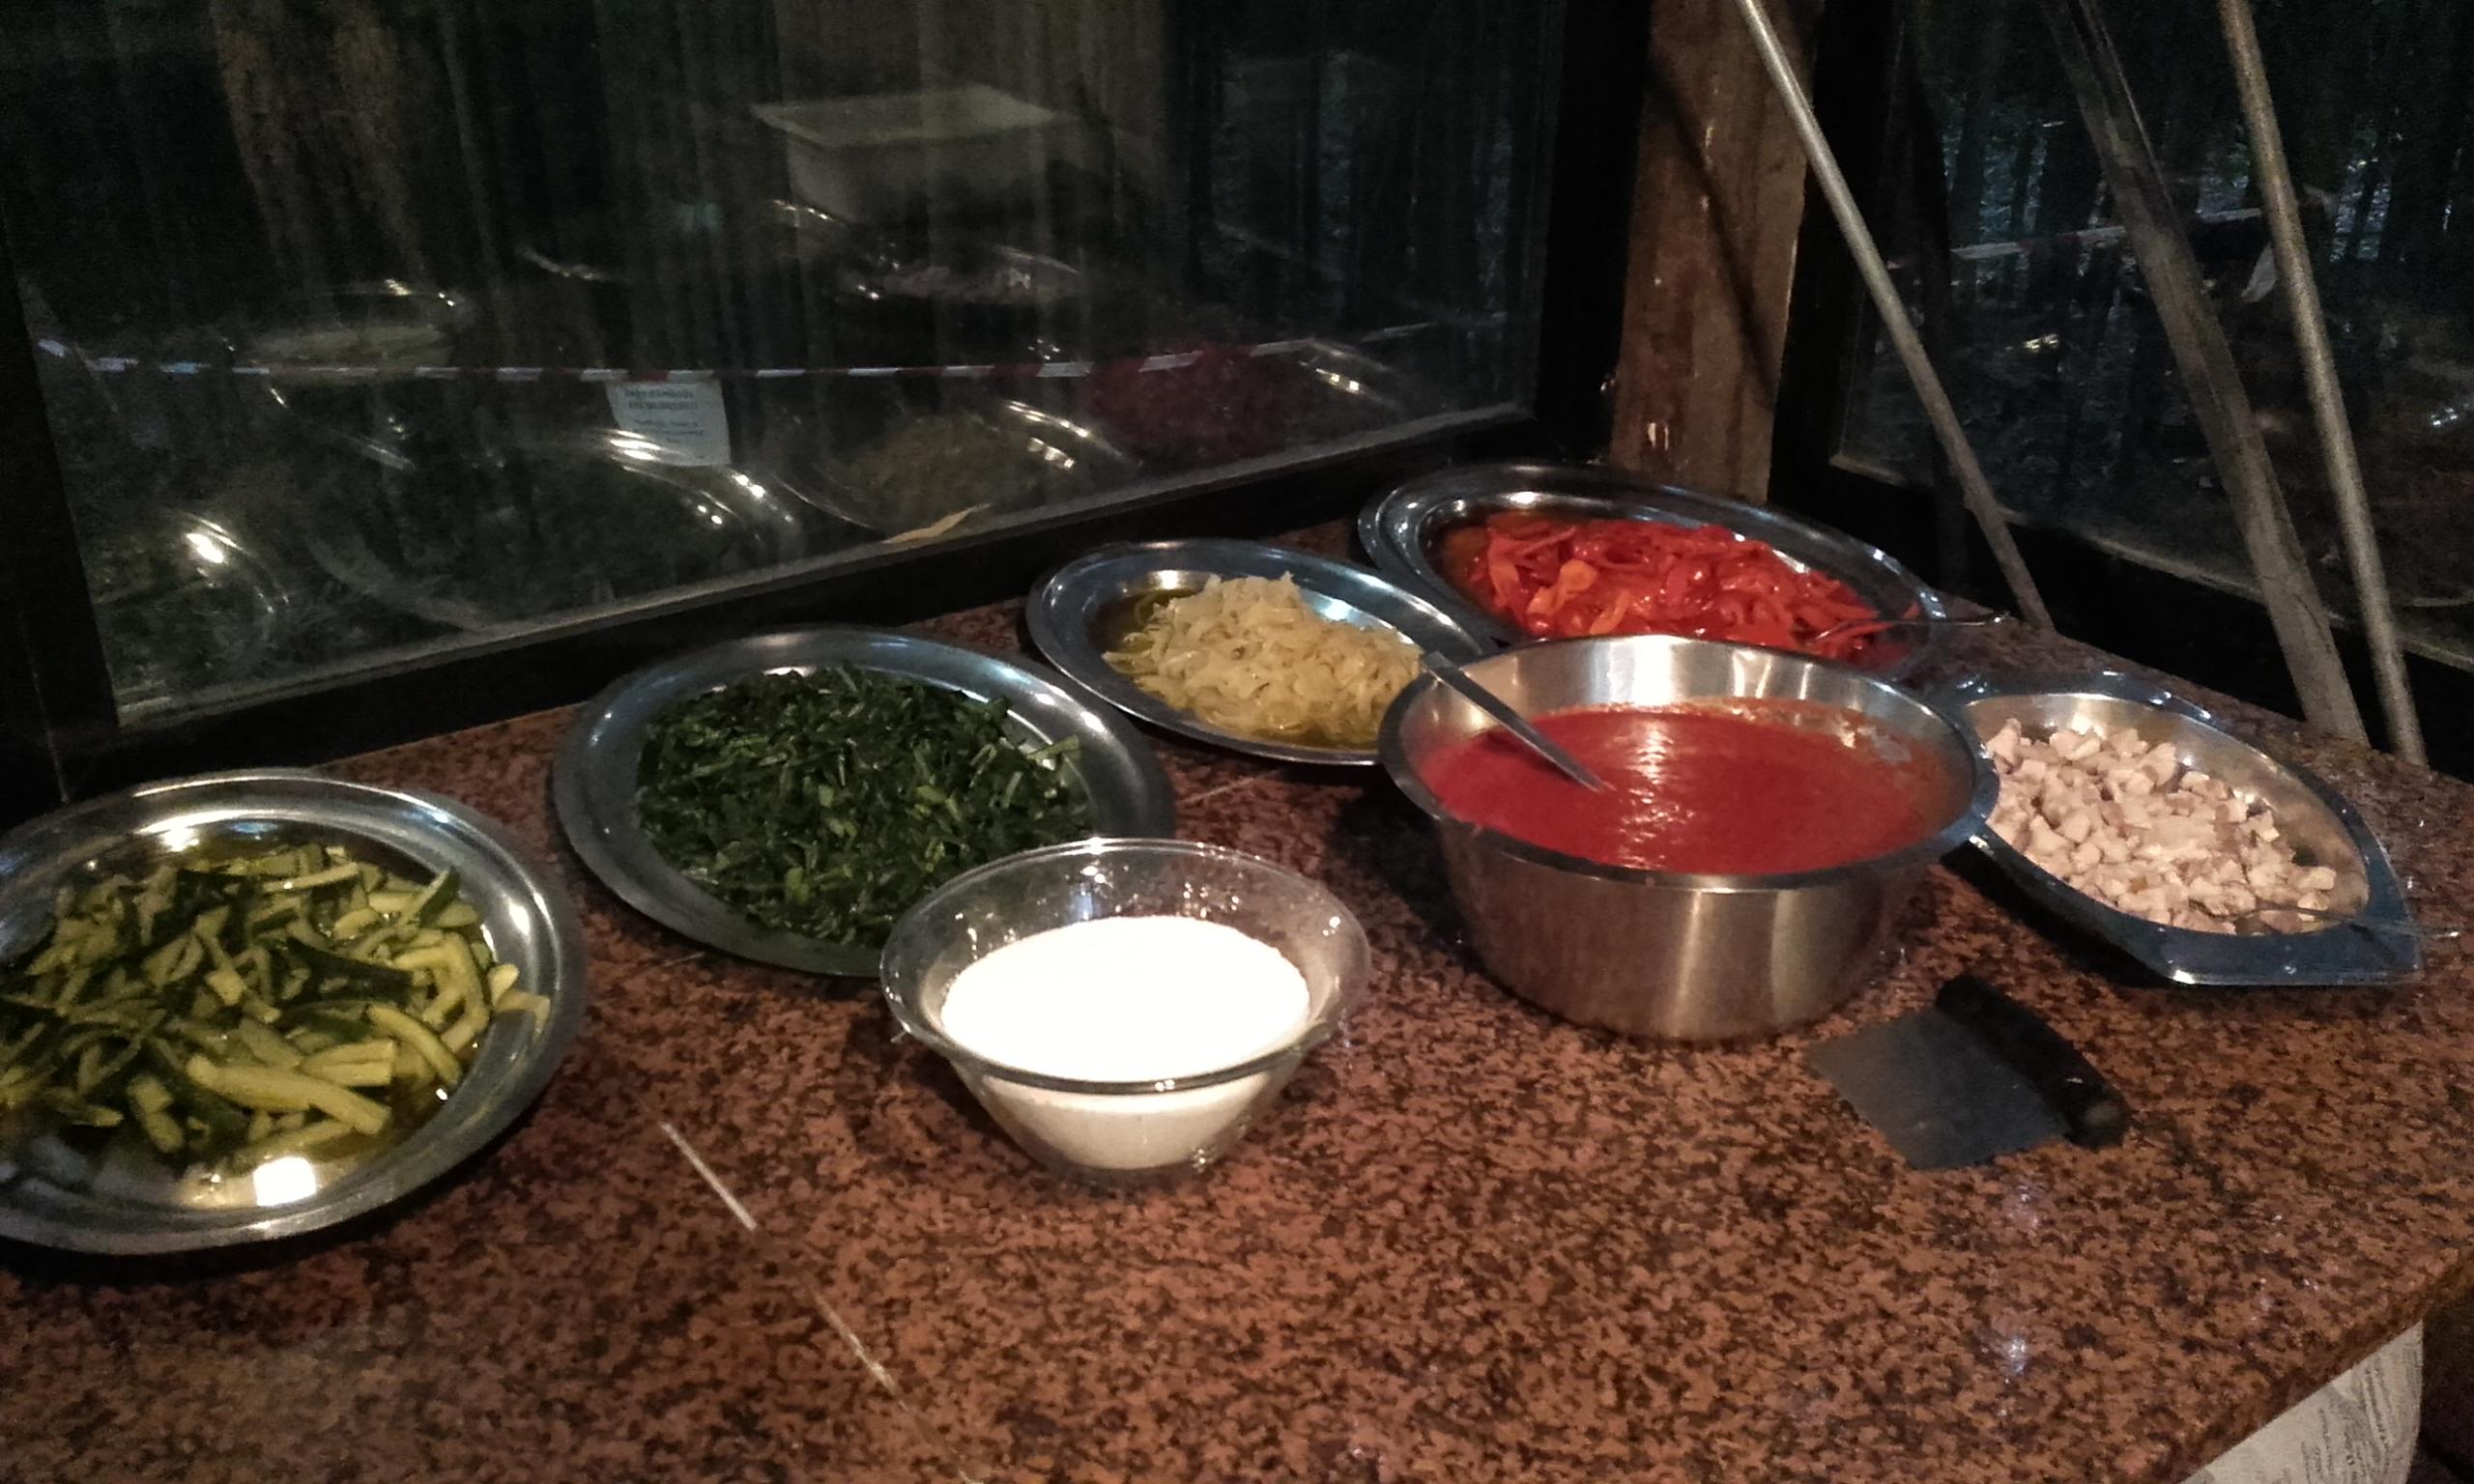 Los ingredientes para hacer las pizzas